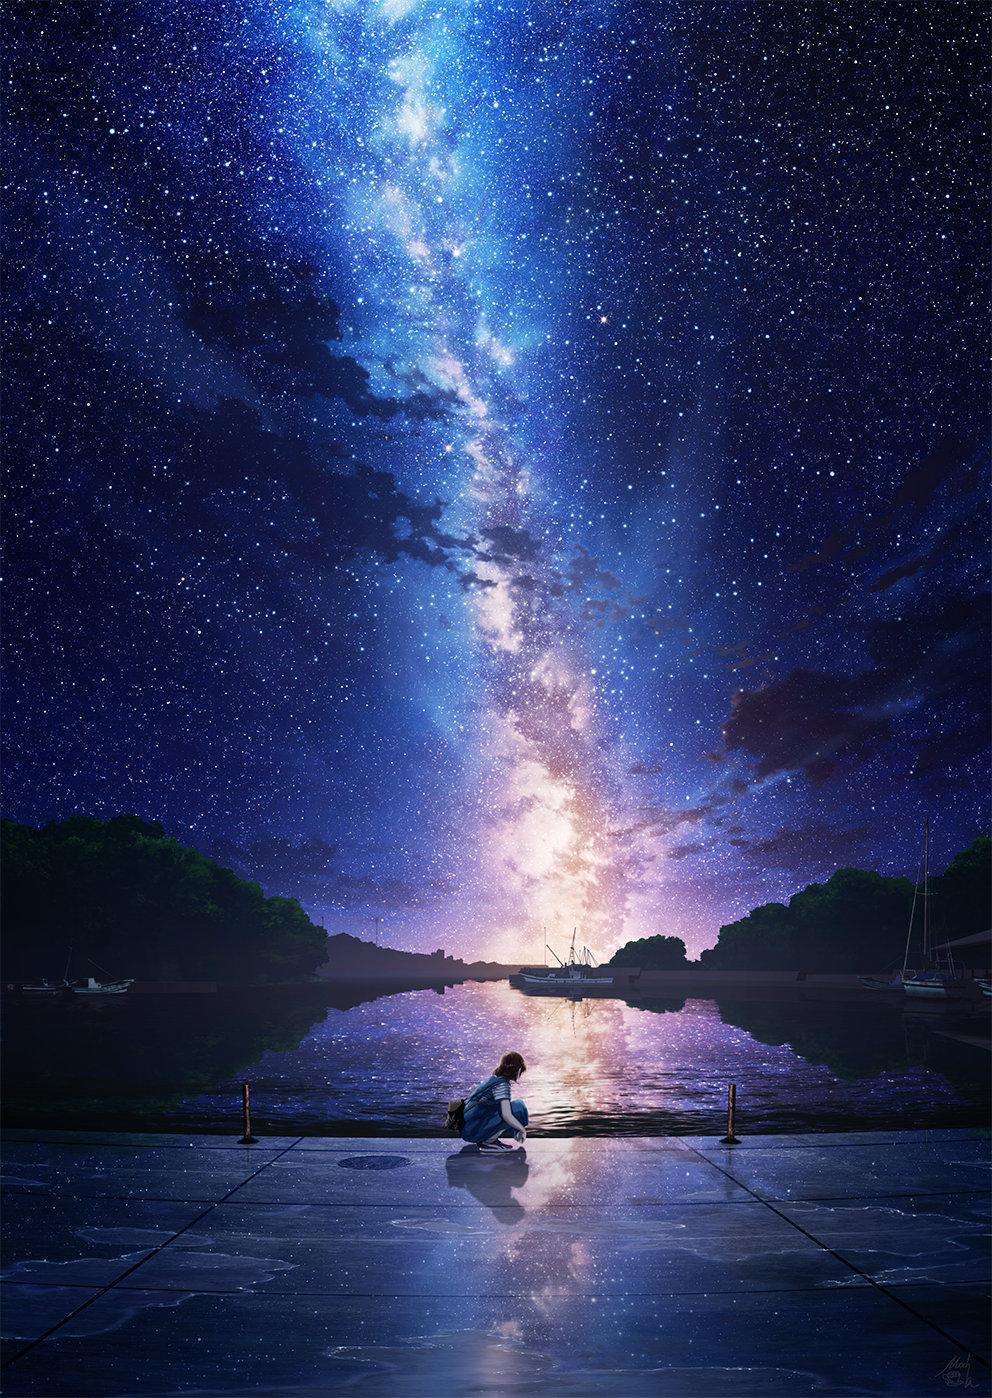 [美图推荐]夜空 星空 想念你的每个夜晚 电脑手机壁纸 手机壁纸-第5张